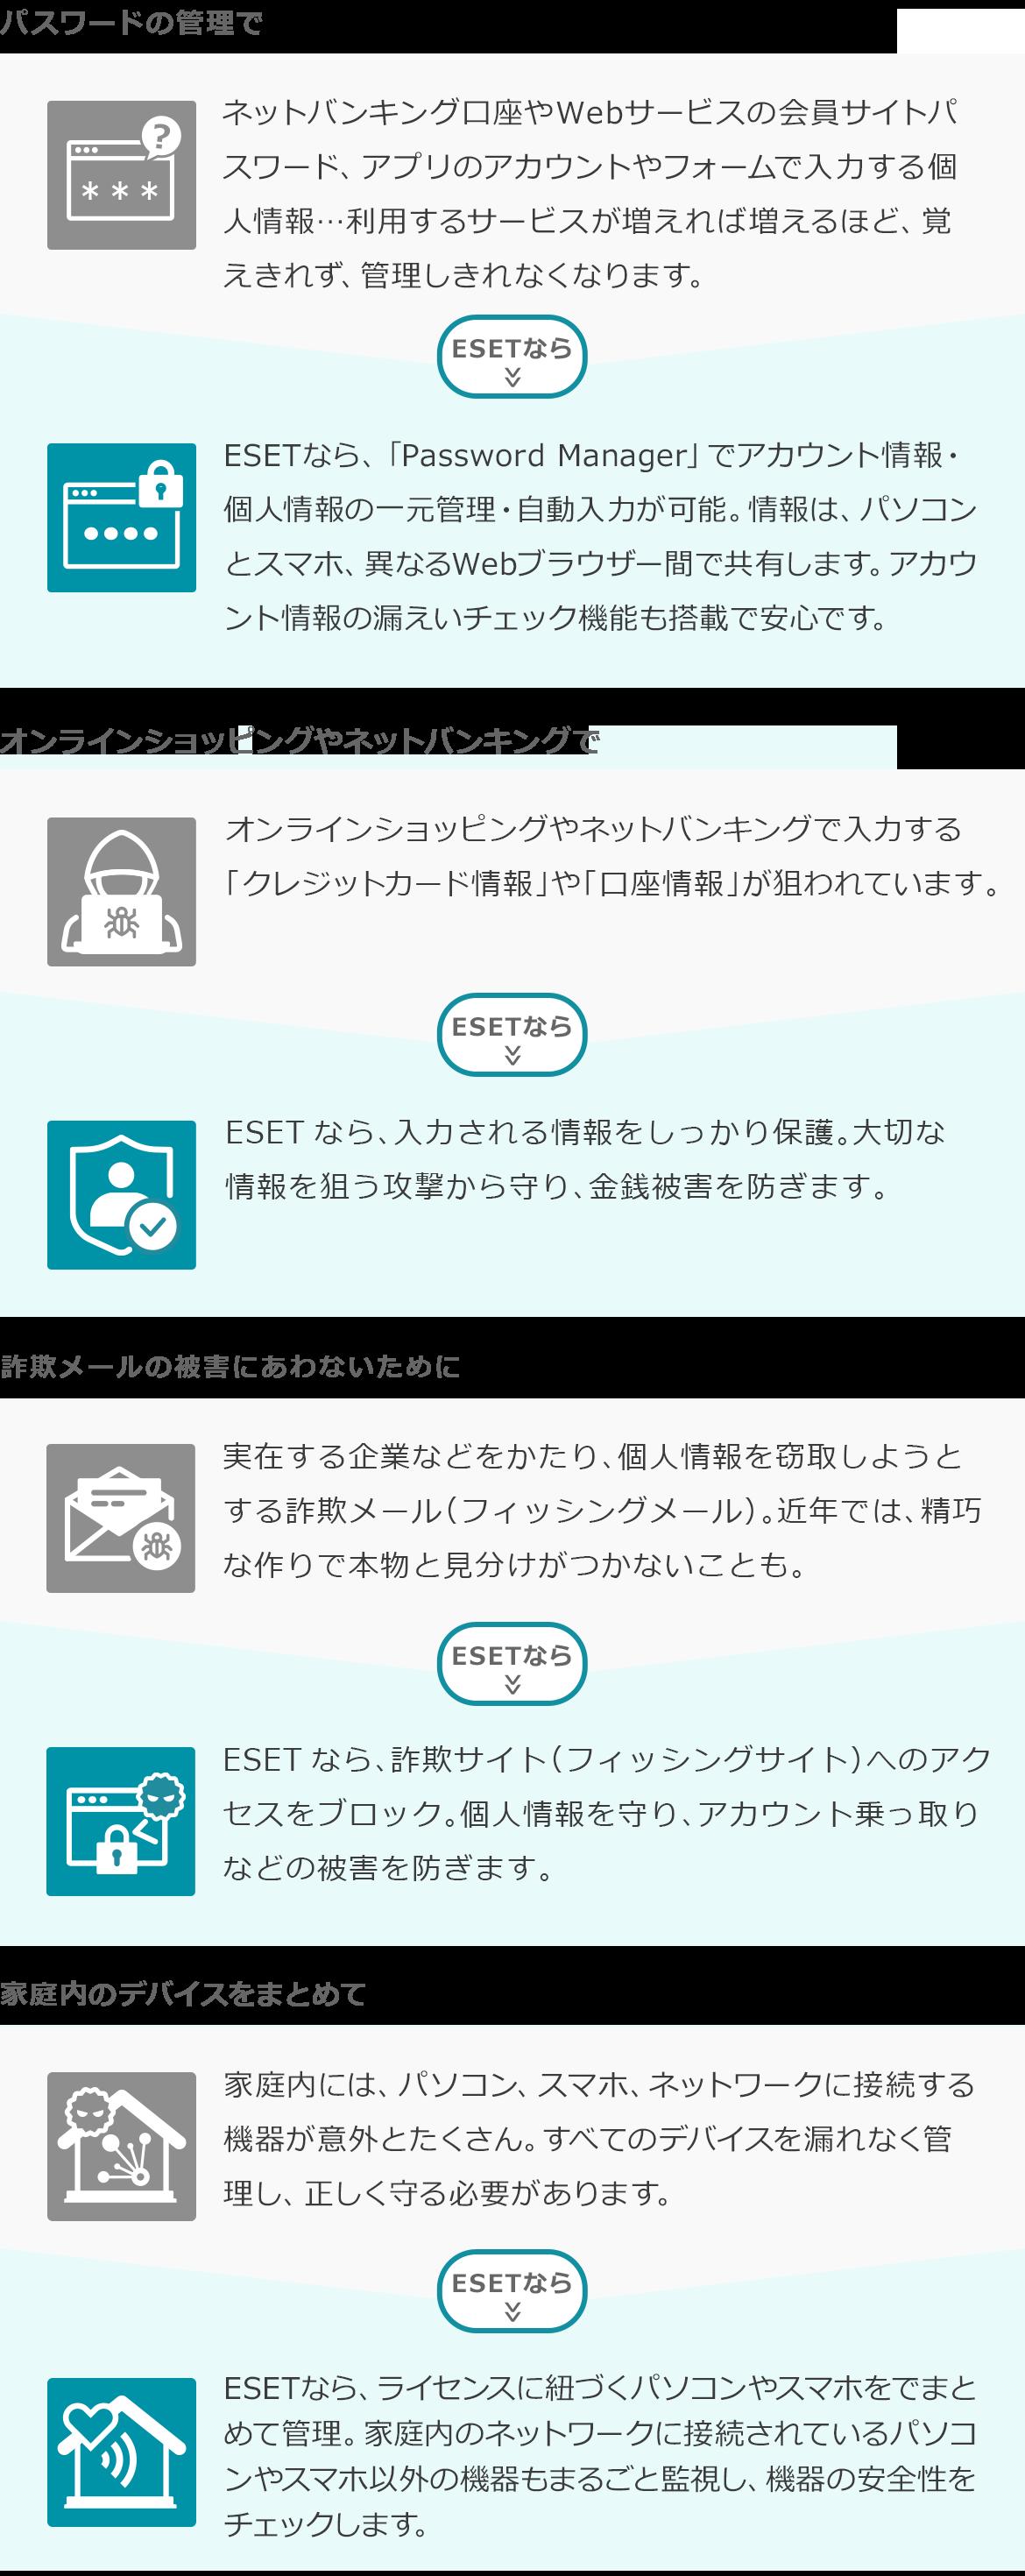 から で アクセス し chrome ます 設定 許可 ウイルス 対策 を ネットワーク や ファイアウォール へ の の 5分でわかるWindows 10